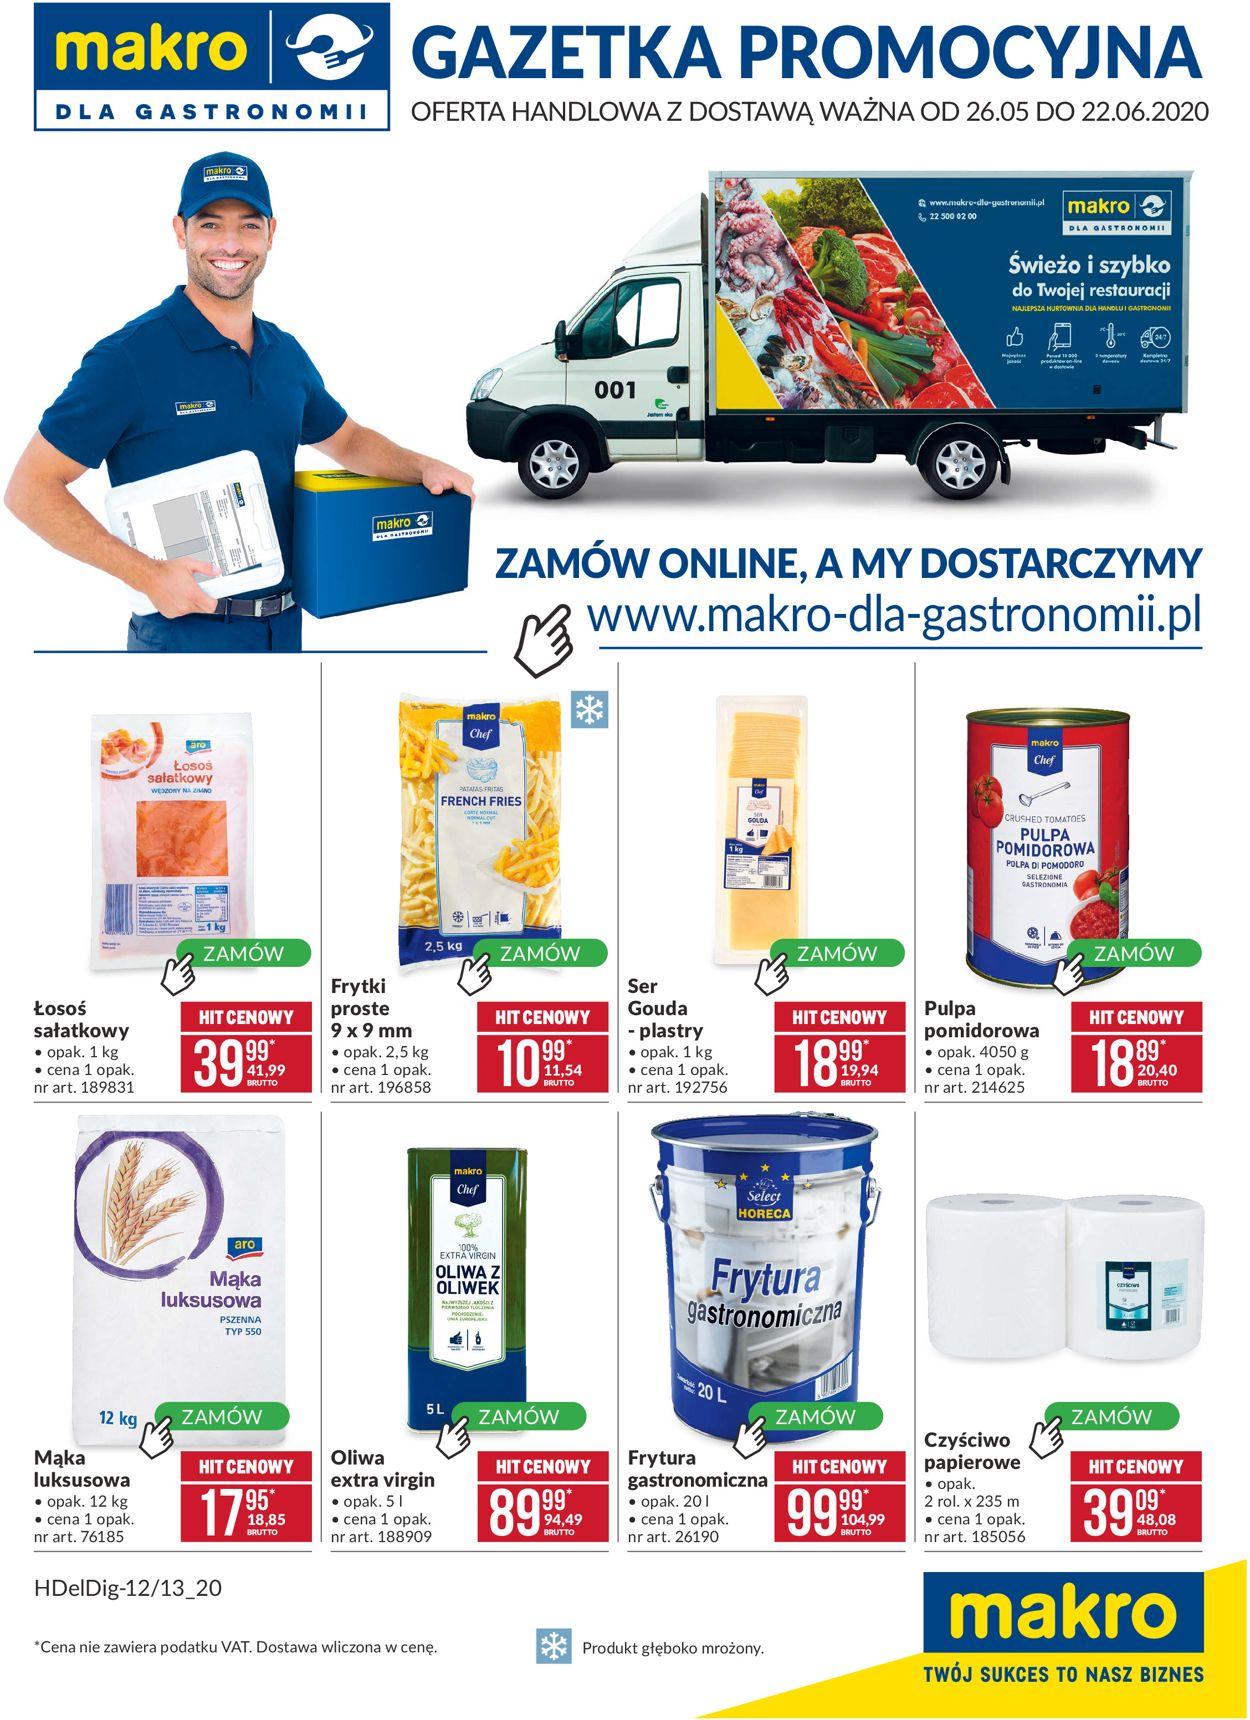 Gazetka promocyjna Makro - 26.05-22.06.2020